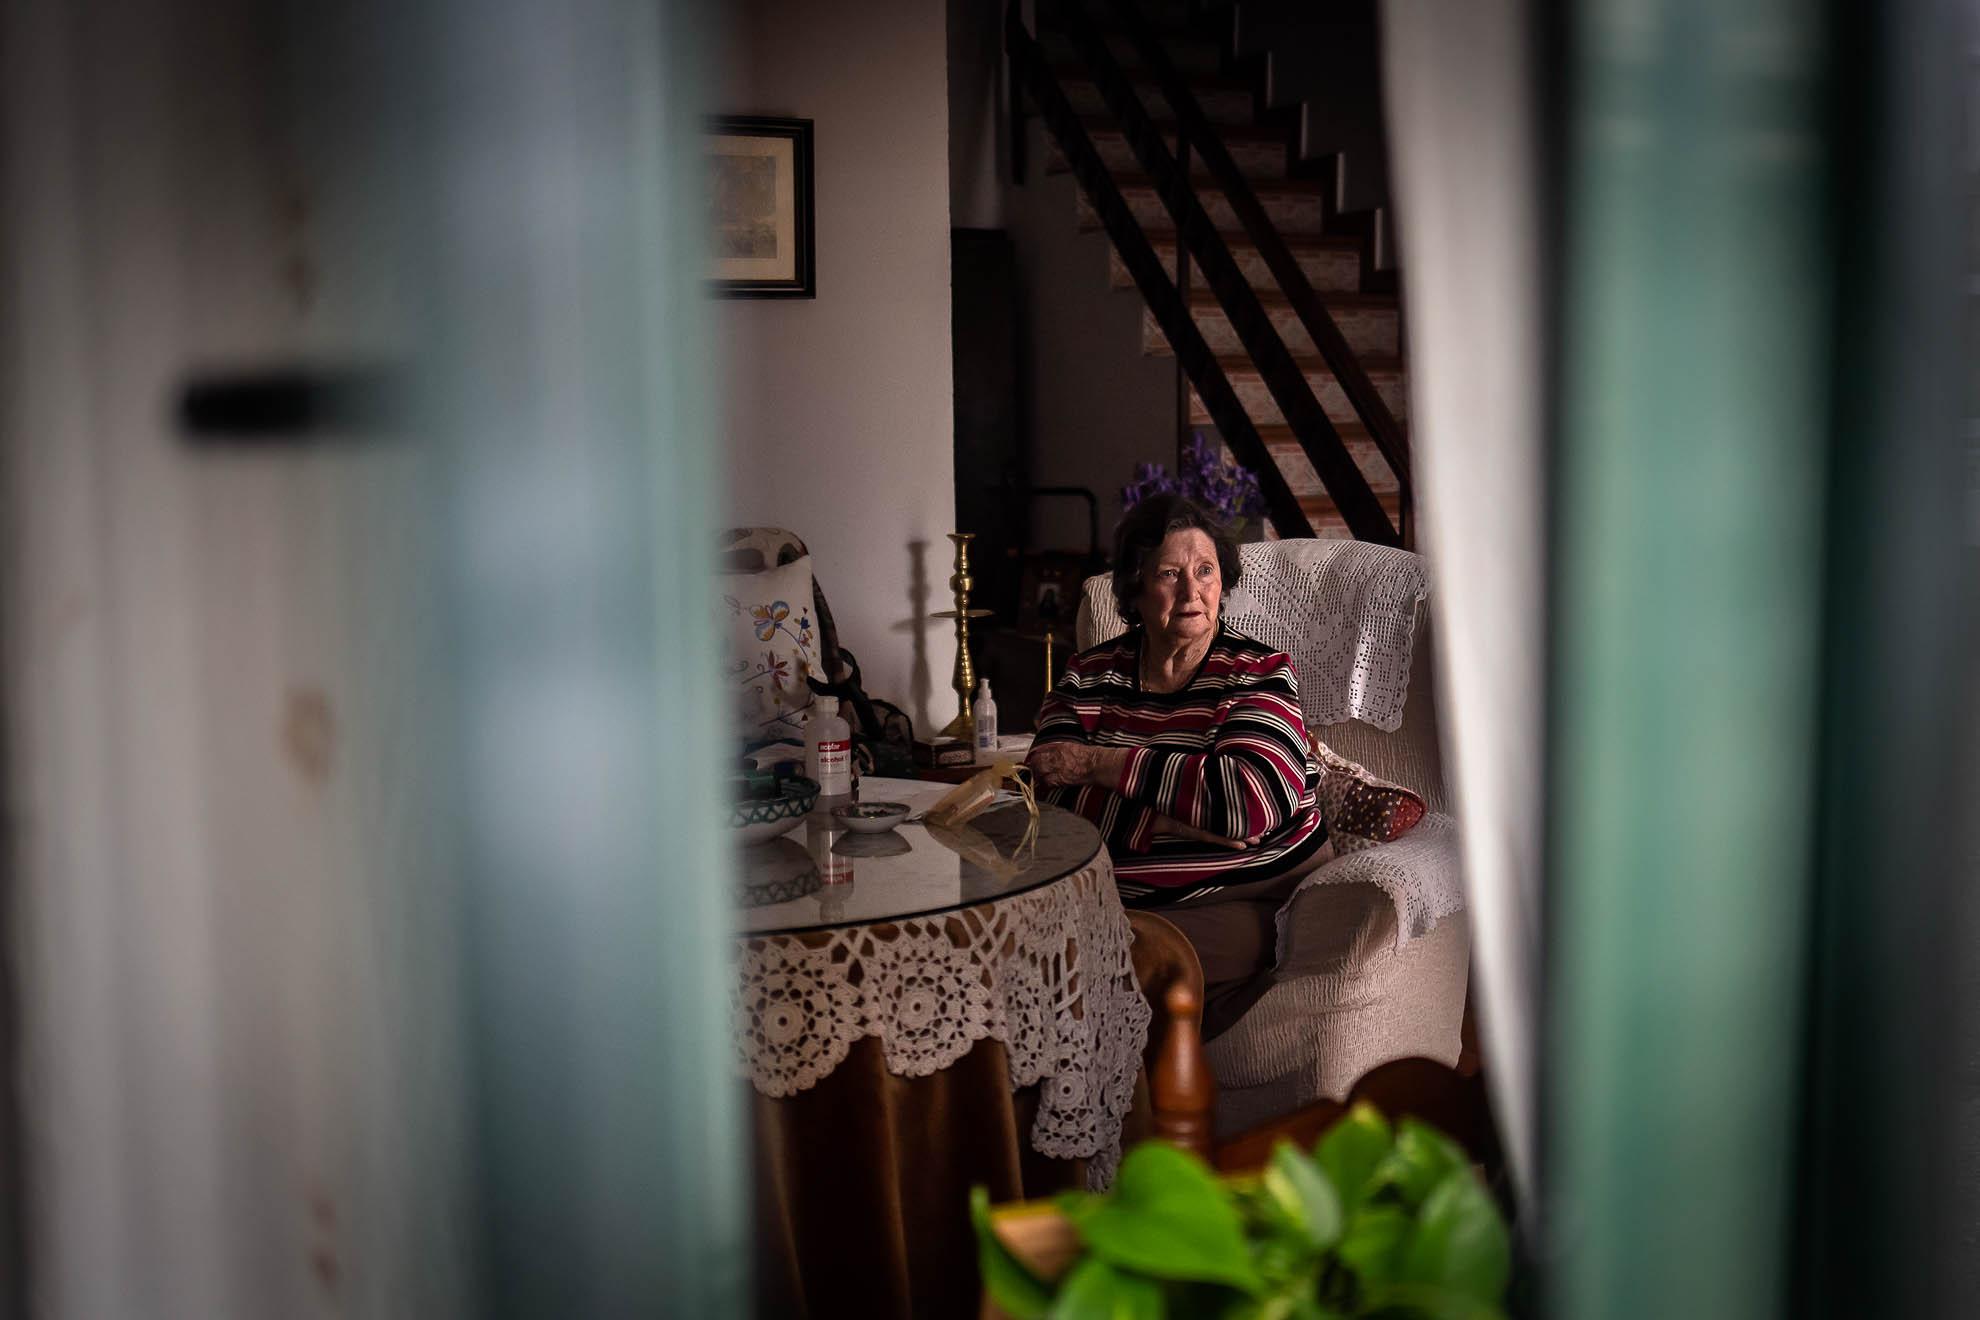 """Botellas de Alcohol sanitario, una mascarilla, el teléfono y los dineros para hacer la compra. Este es el kit de supervivencia al COVID-19 sobre la mesa camilla de Frasca, una encantadora y coqueta mujer de 81 años. Hoy se pintó los labios de rojo porque avisada estaba de que hoy con Rosa vendría una visita. Rosa trabaja en el servicio de ayuda a domicilio del Ayuntamiento de Castillo de las Guardas (Sevilla). Estos días no pueden quedarse tanto con los usuarios, pero aún así le da tiempo a poner la lavadora, hacer la compra, pasar el suelo y arreglar la cocina mientras conversan. """"La gente es muy inconsciente. Yo salgo a dar un paseo por las tardes con mascarilla siempre porque no me fío. Calle arriba, calle abajo y enseguidita pa´ la casa,"""" dice entre preocupada y ofendida con esa gente que no respeta las normas."""